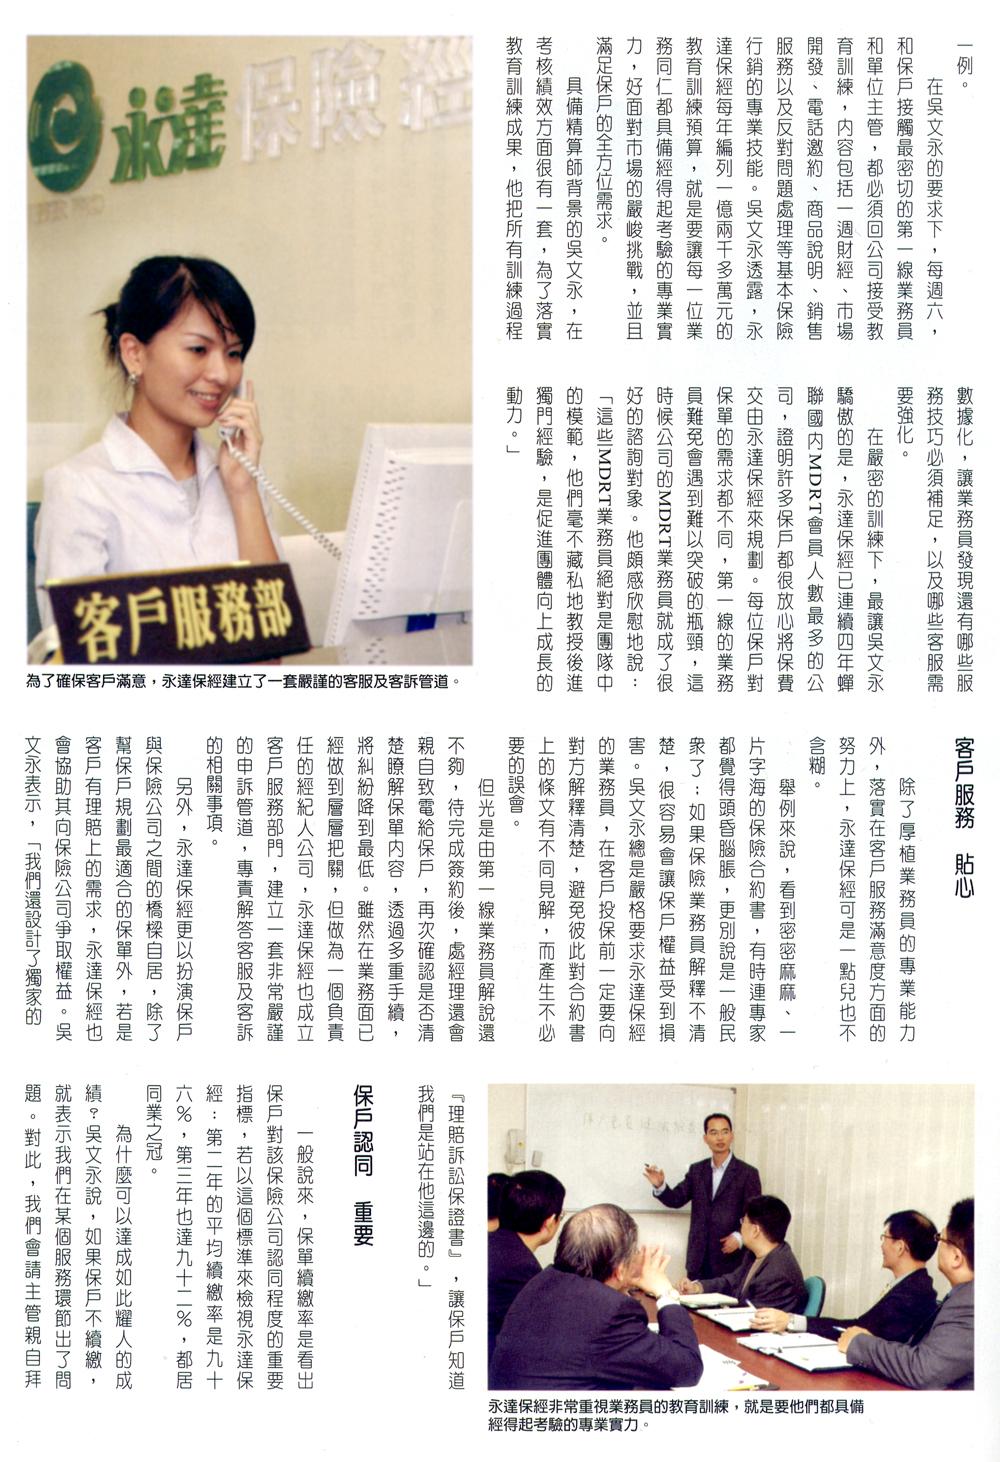 專業服務是保險業的中心信念第二頁報導